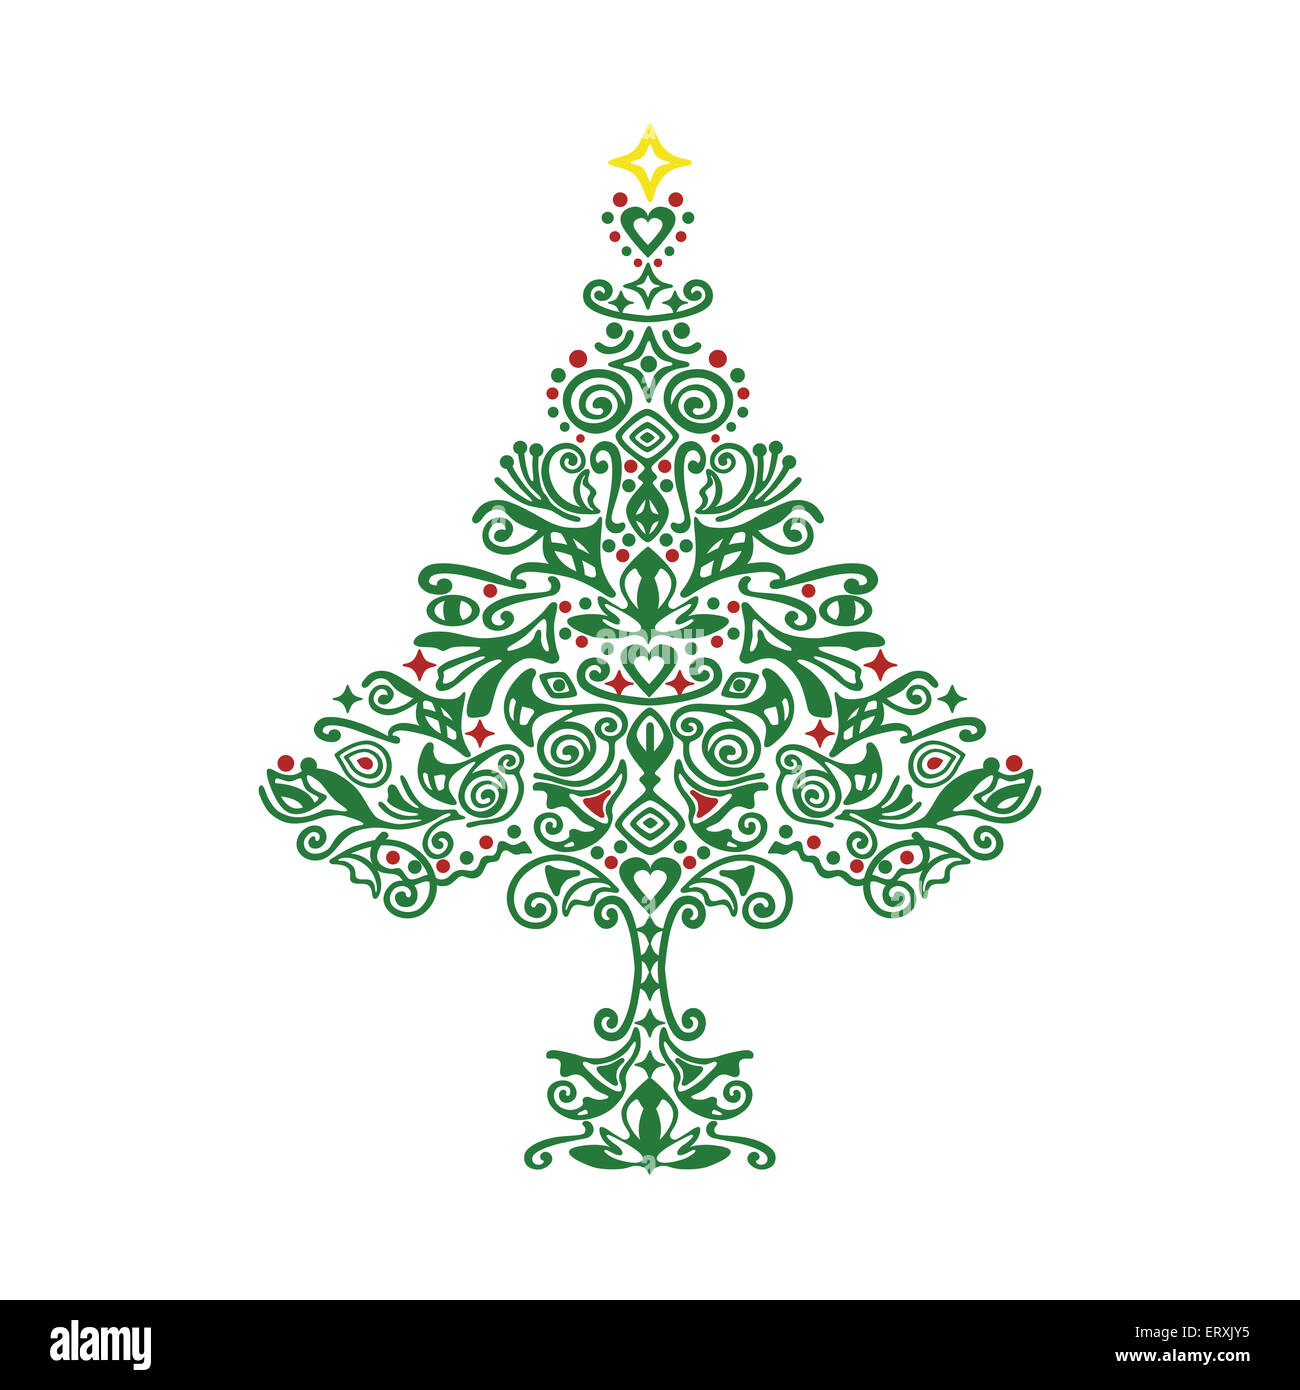 Green Christmas tree ornament mit eine detaillierte handgezeichnete Muster Stockbild